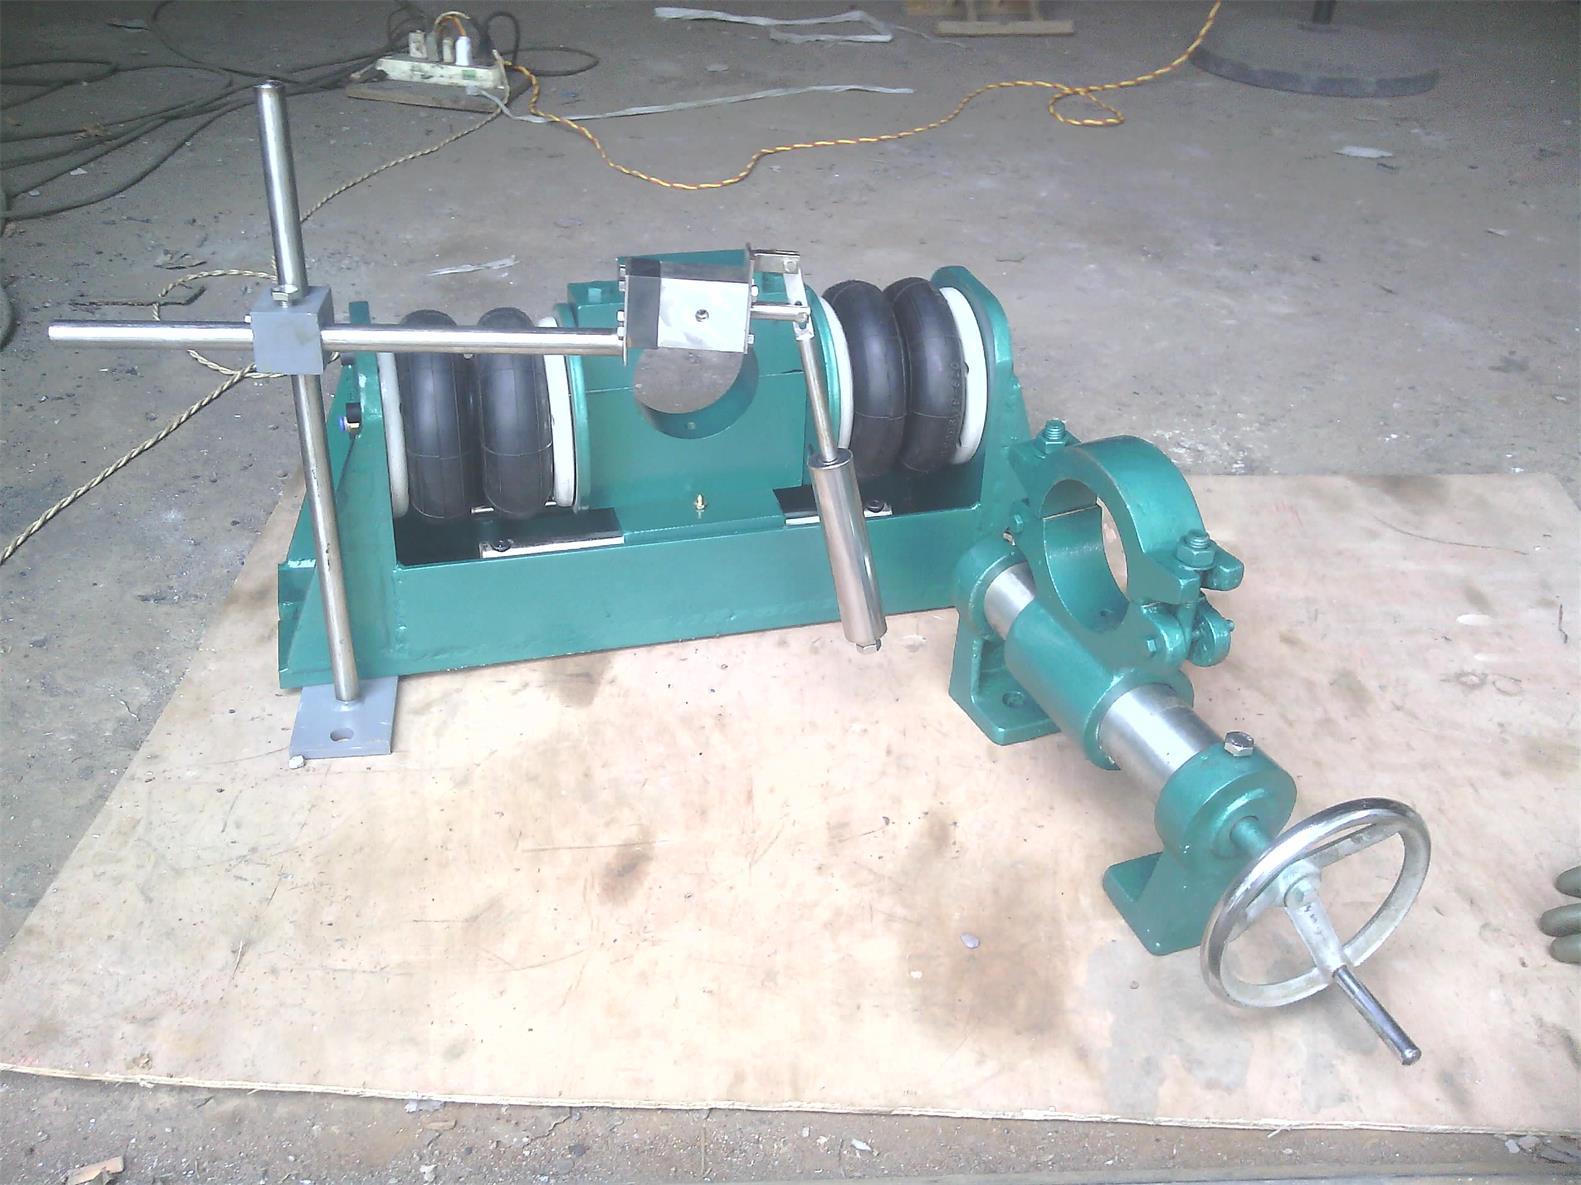 气动网毯校正器装置价钱怎么样-气动网毯校正器装置厂家